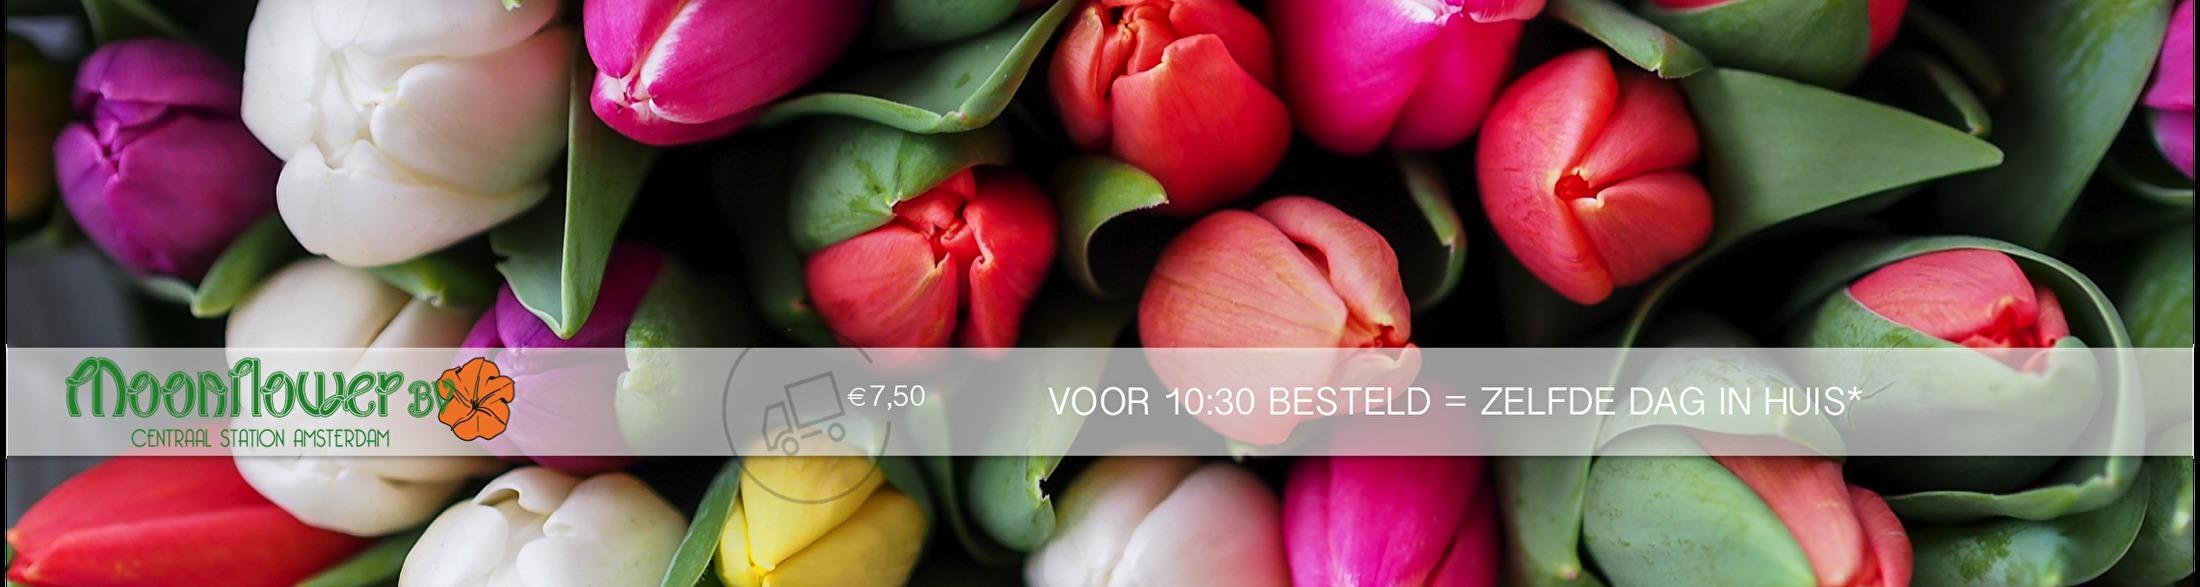 Tulpen van Moonflower